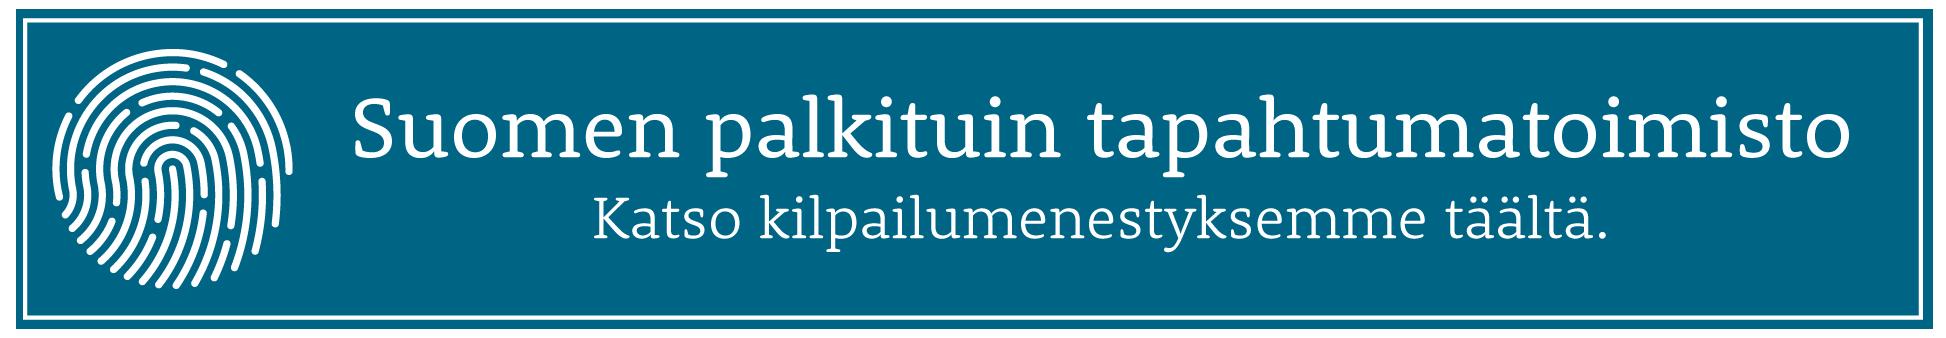 Suomen palkituin tapahtumatoimisto